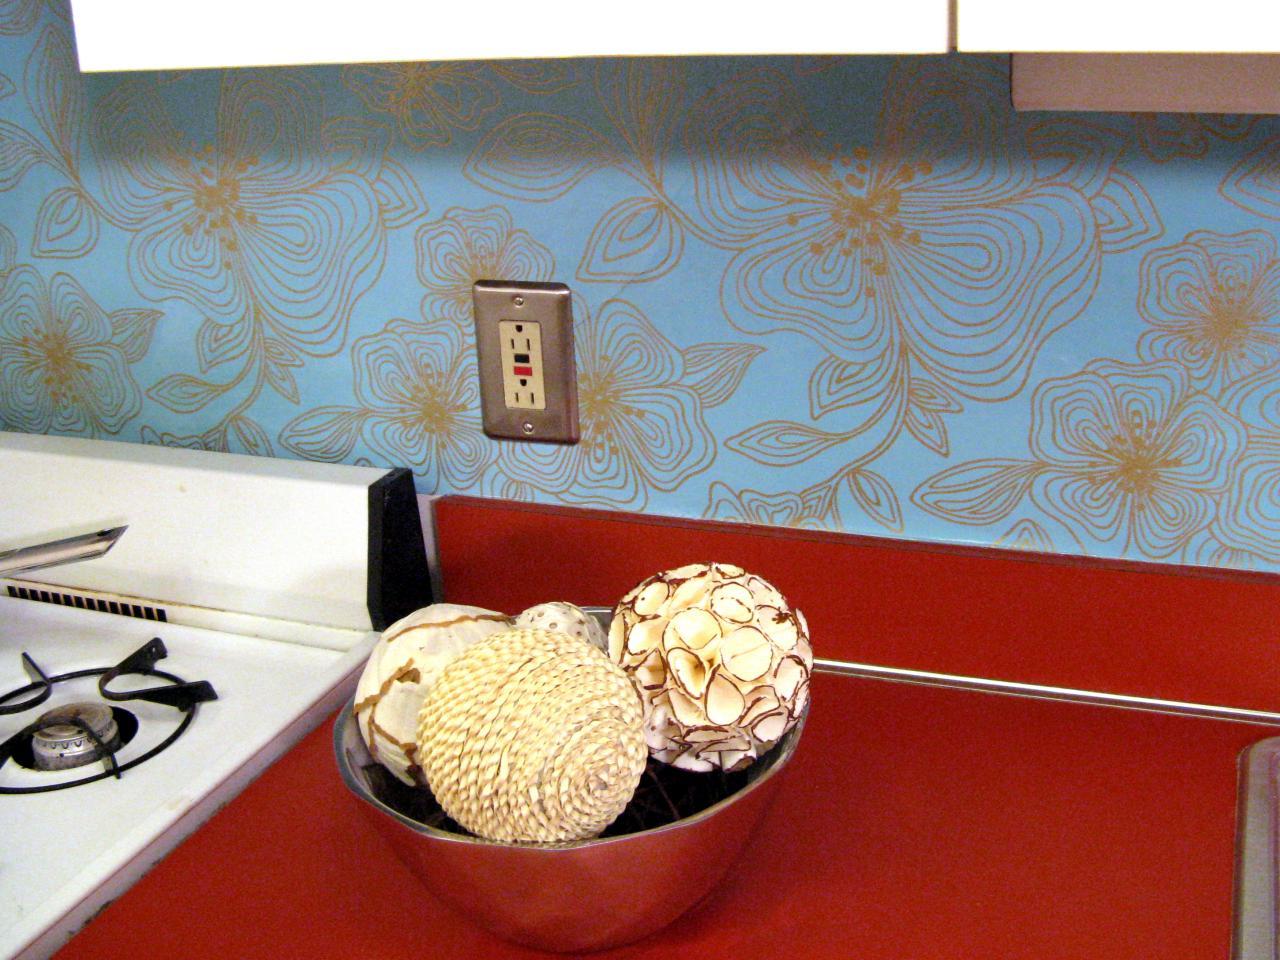 100 Half Day Designs Wallpapered Backsplash Kitchen Ideas Design 1280x960